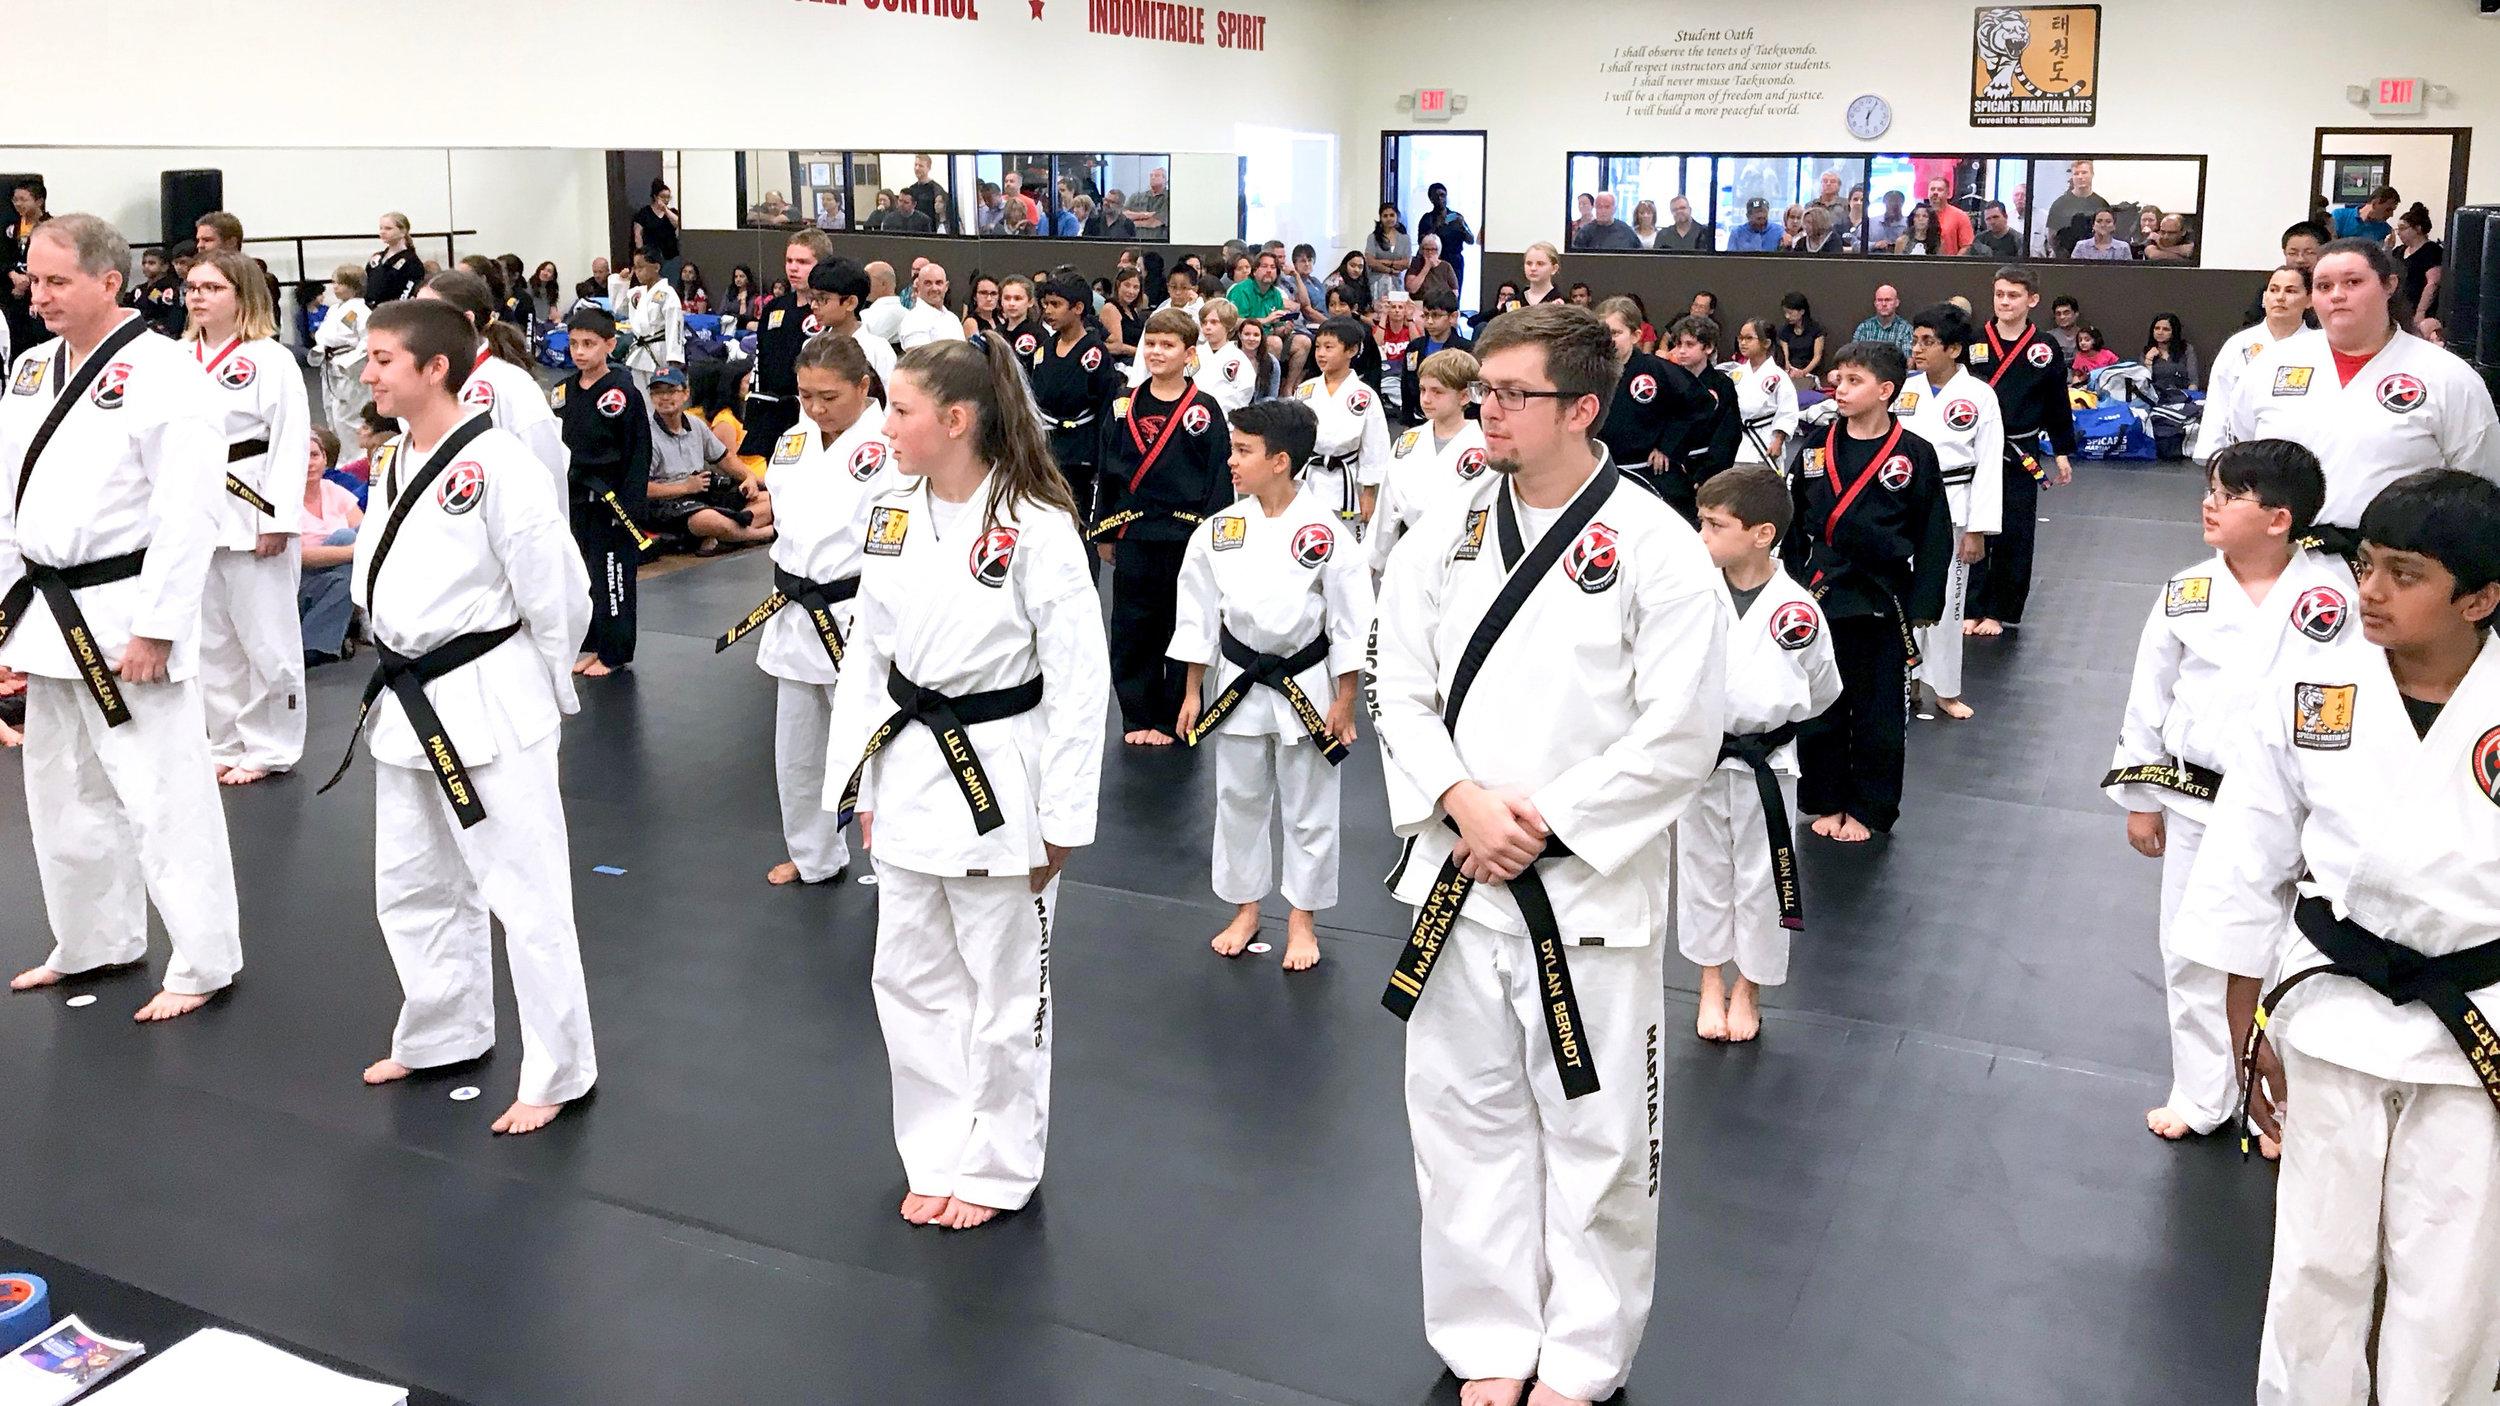 southlake-spicars-martial-arts-student-oath.jpeg